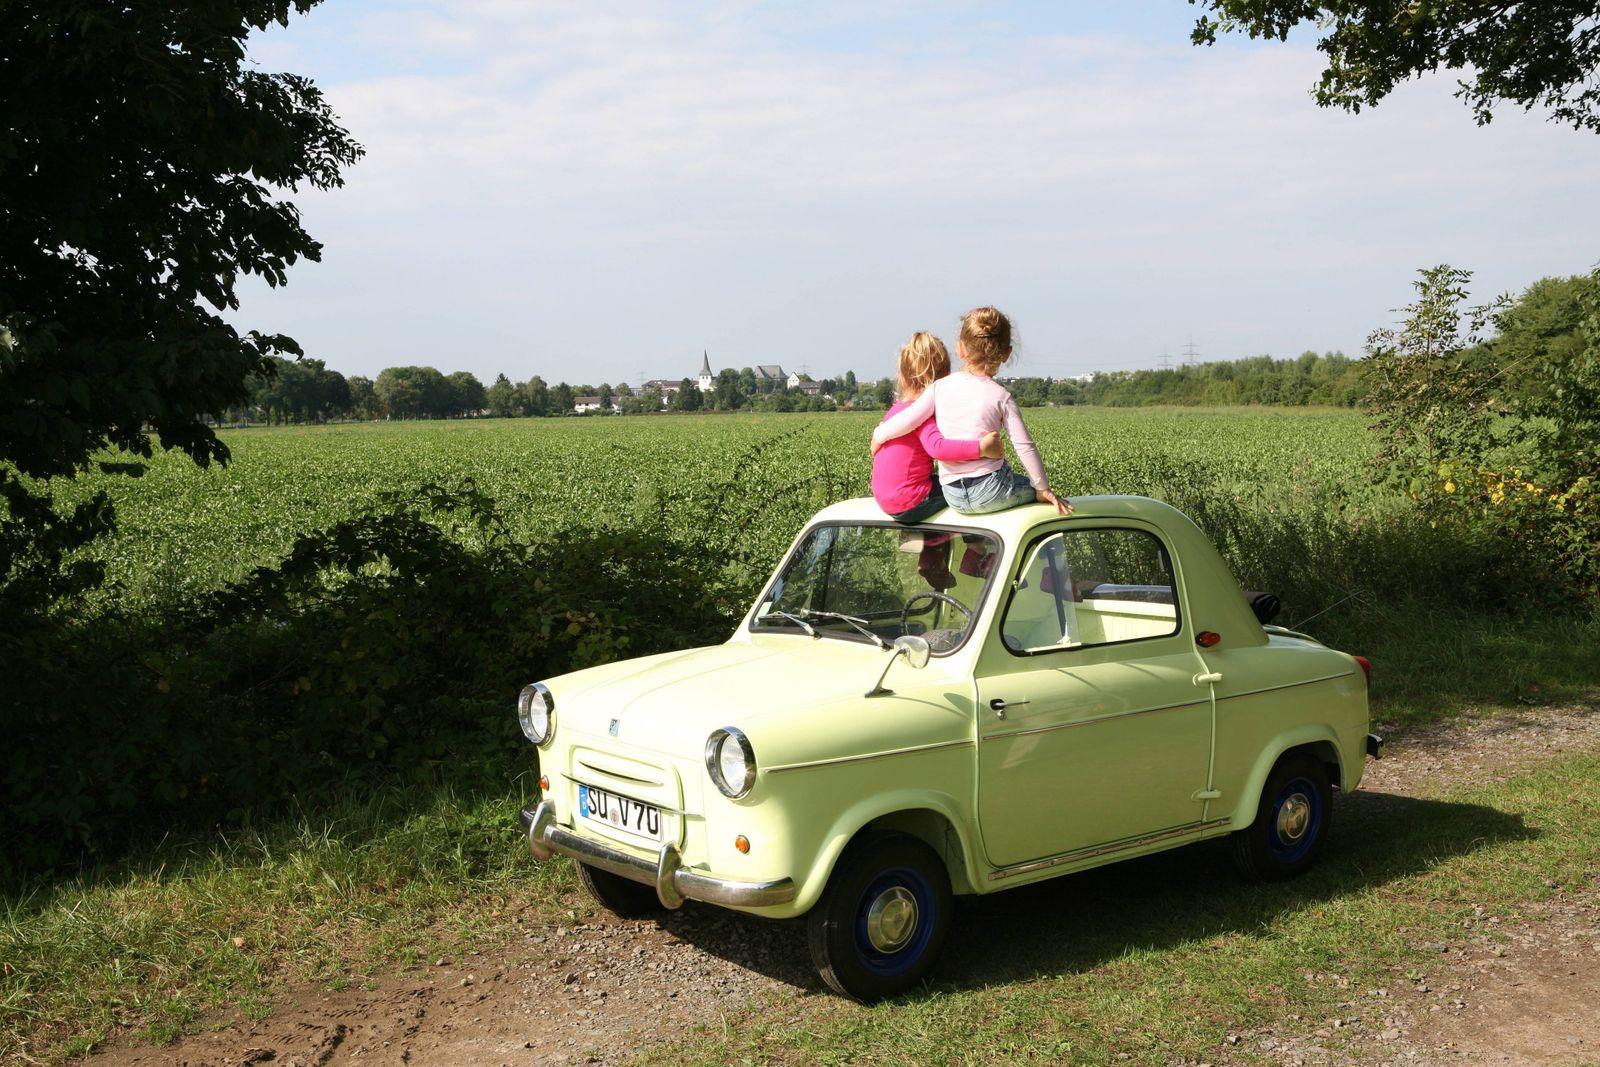 Zwei Kinder auf einem VESPA 400 Copyright: JOKER/PetraxSteuer JOKER130827510001